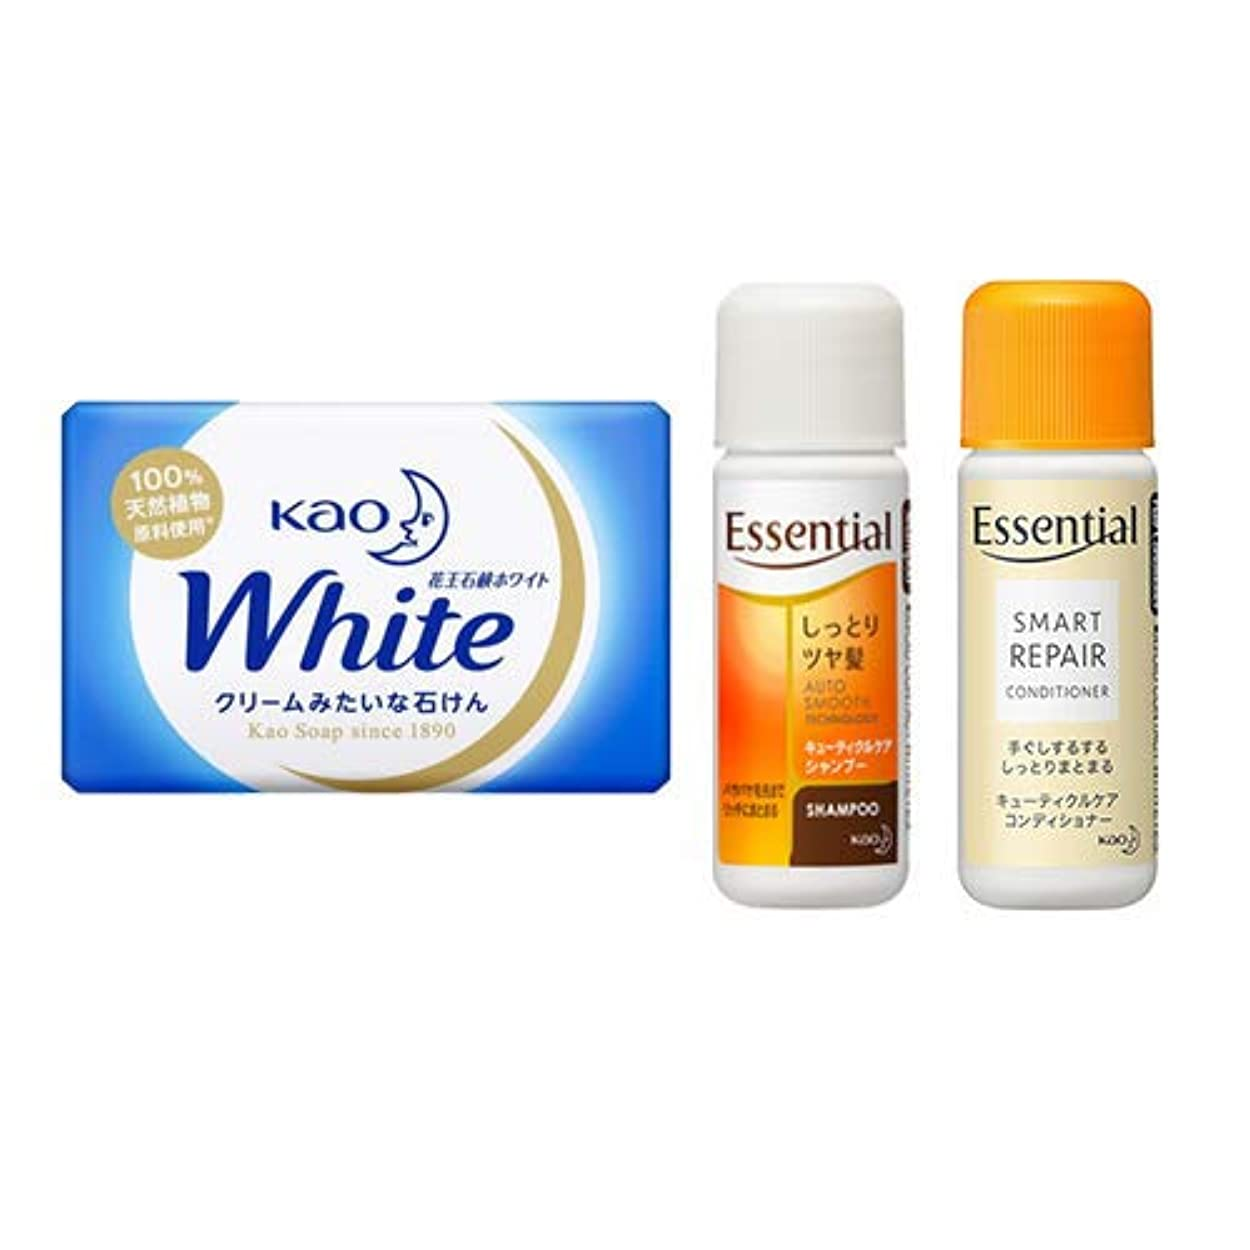 余暇警官何よりも花王(KAO) 石鹸ホワイト(Kao Soap White) 15g + エッセンシャルシャンプー 16ml + コンディショナー 16ml セット